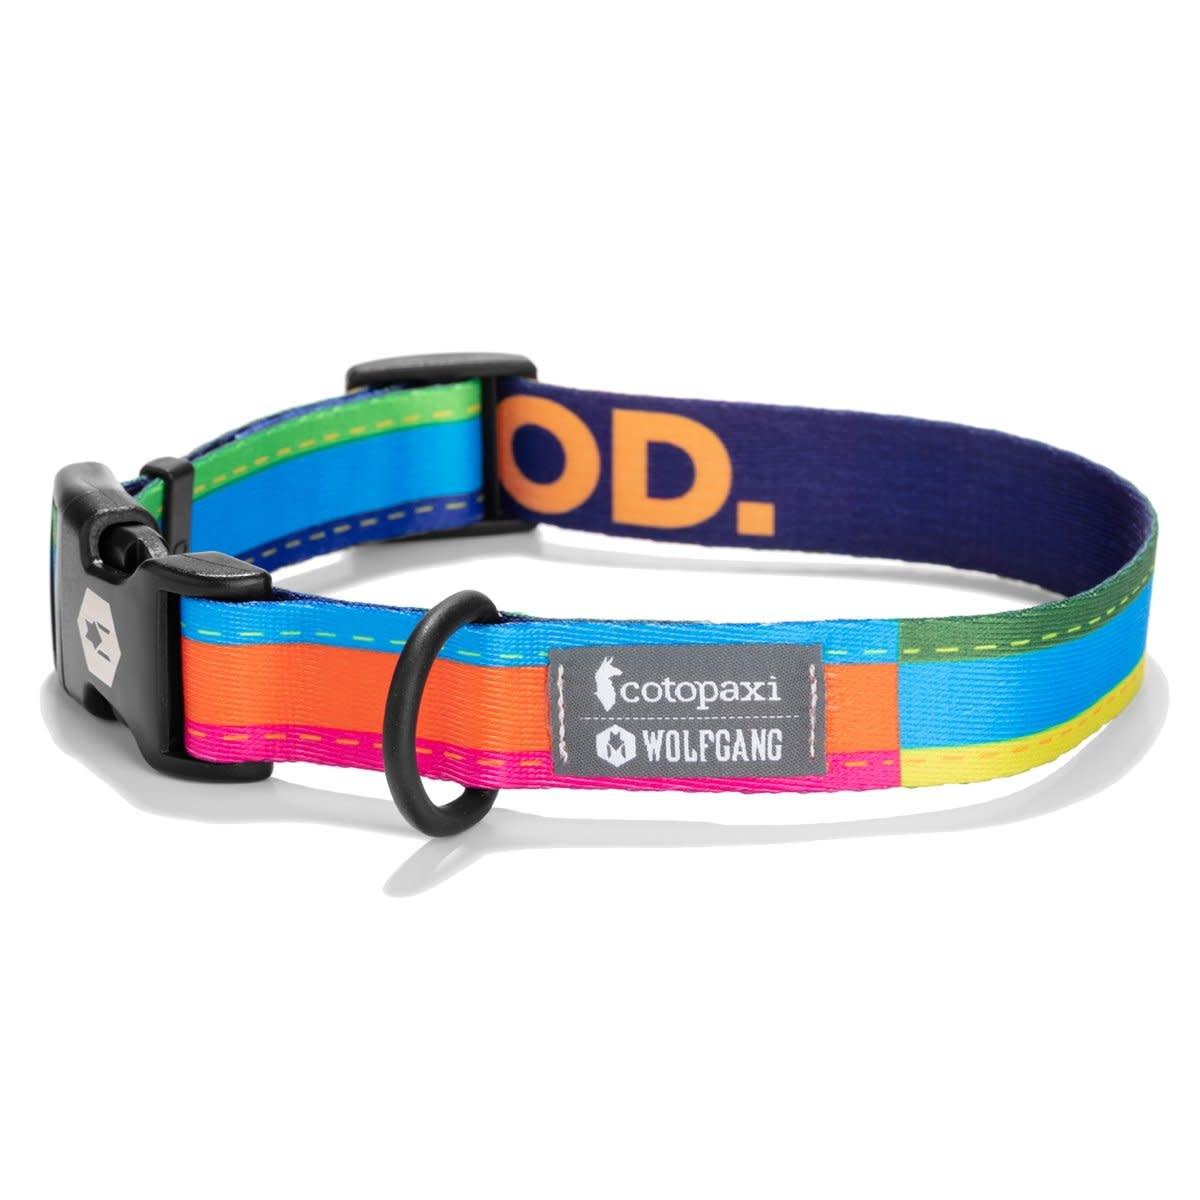 WOLFGANG Wolfgang Venture Dog Collar